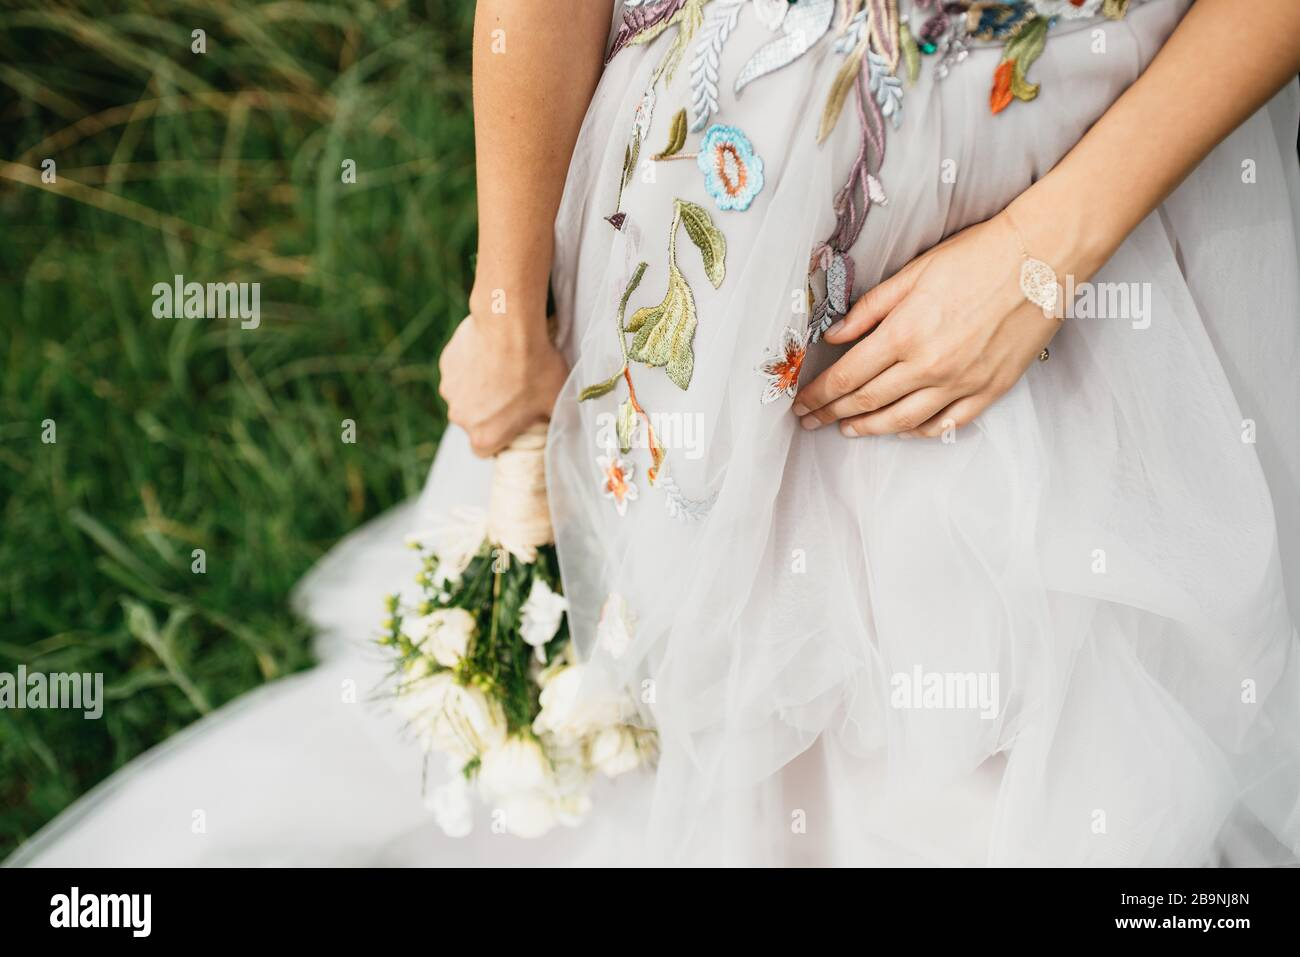 La novia en un hermoso vestido de boda con un ramo en su mano Foto de stock